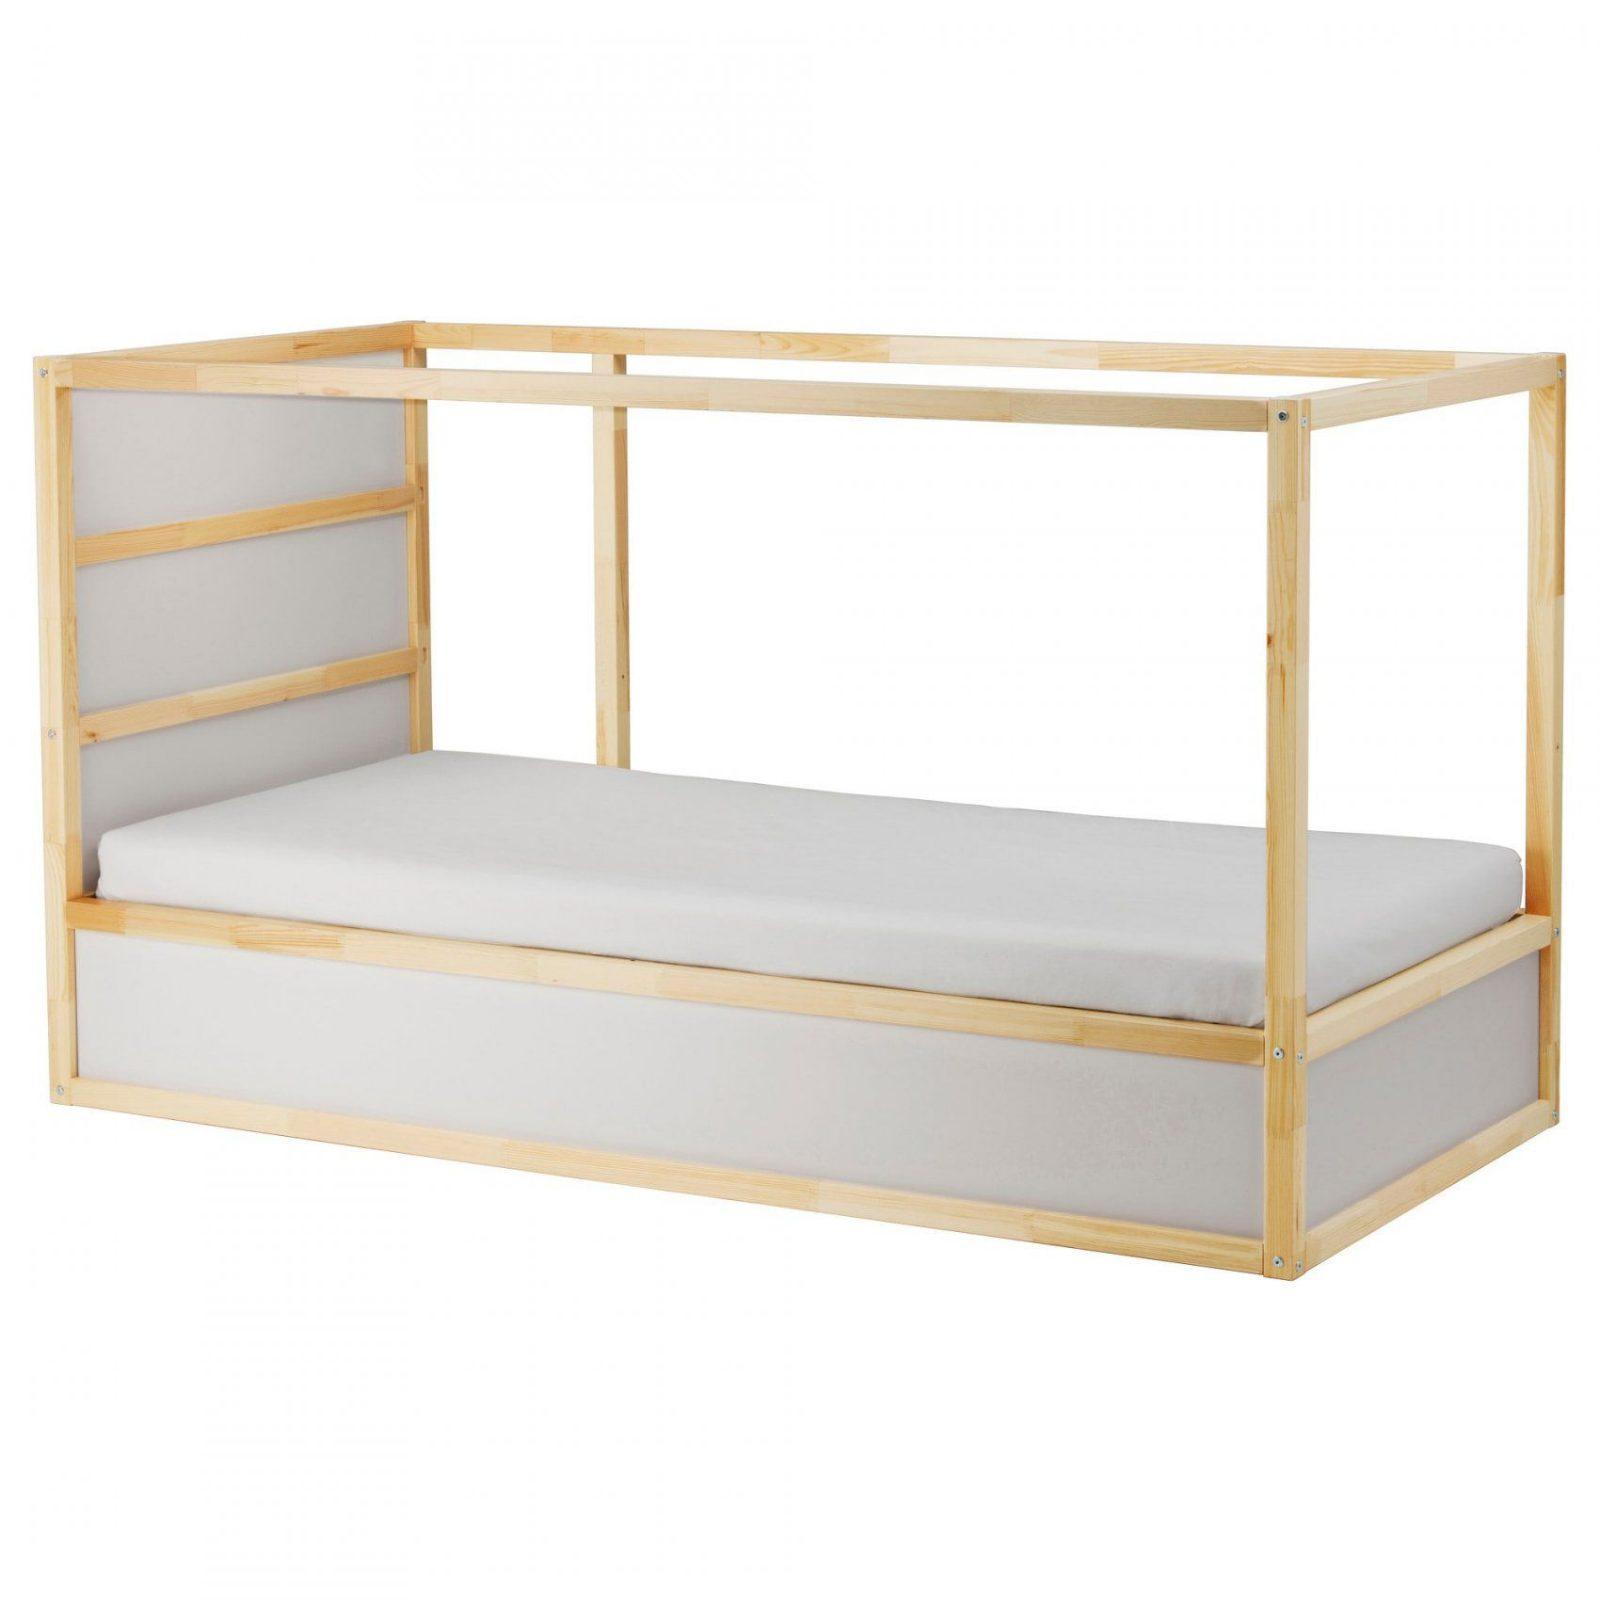 Kura Bett Umbaufähig  Ikea von Himmel Für Bett Ikea Bild